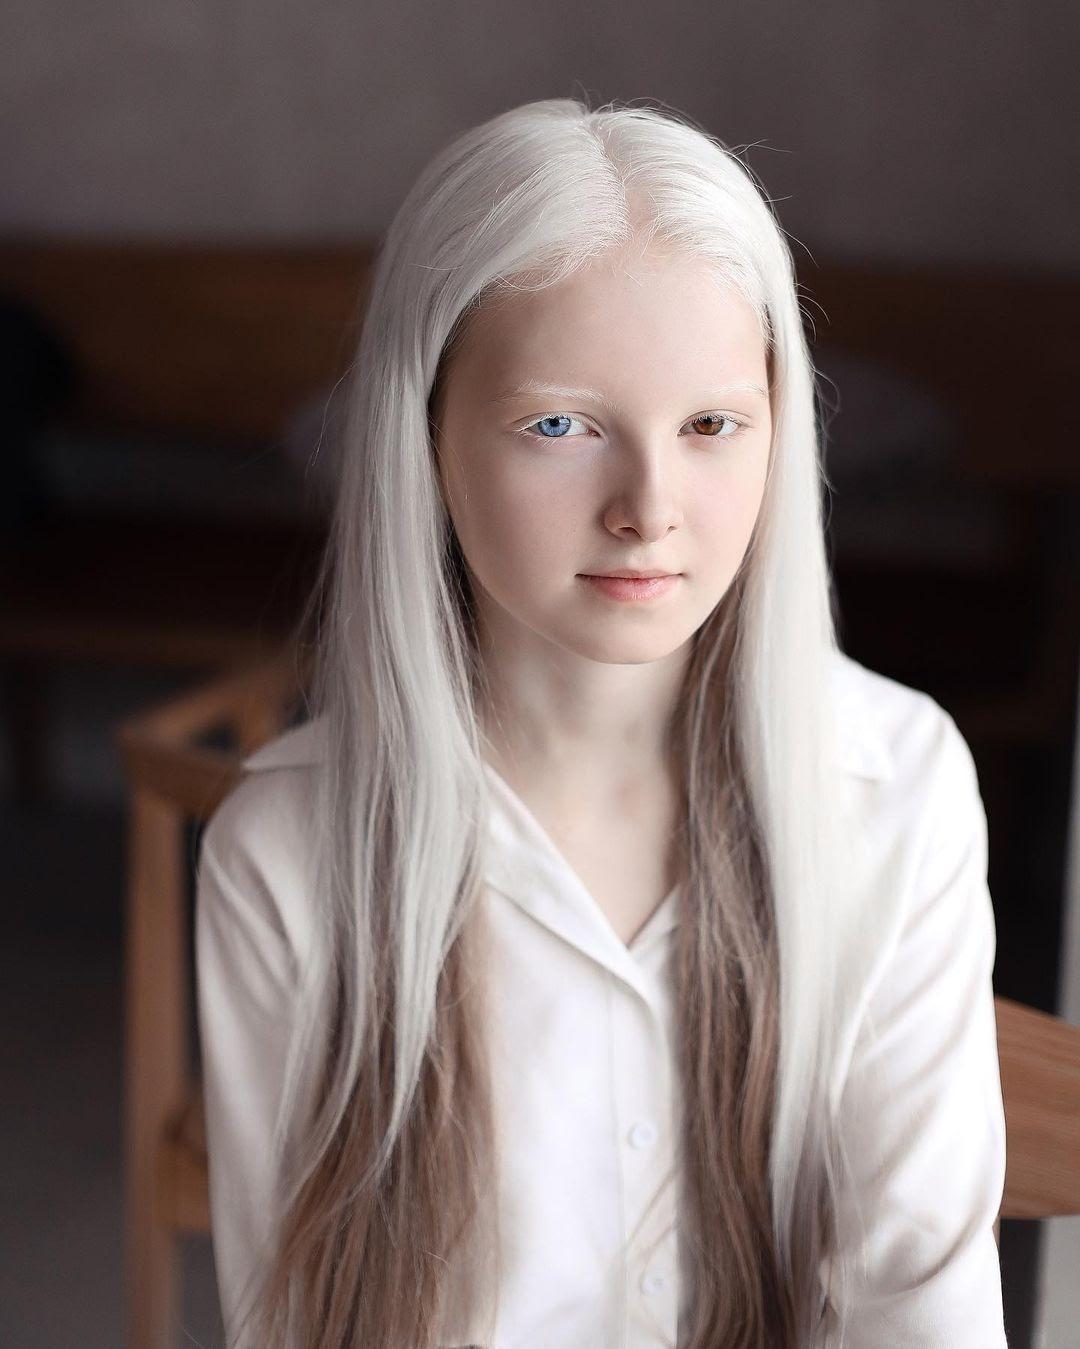 Амина Эпендиева: невероятная девочка-альбинос с разноцветными глазами из Чечни. Как выглядит сегодня и потеряла ли красоту 7